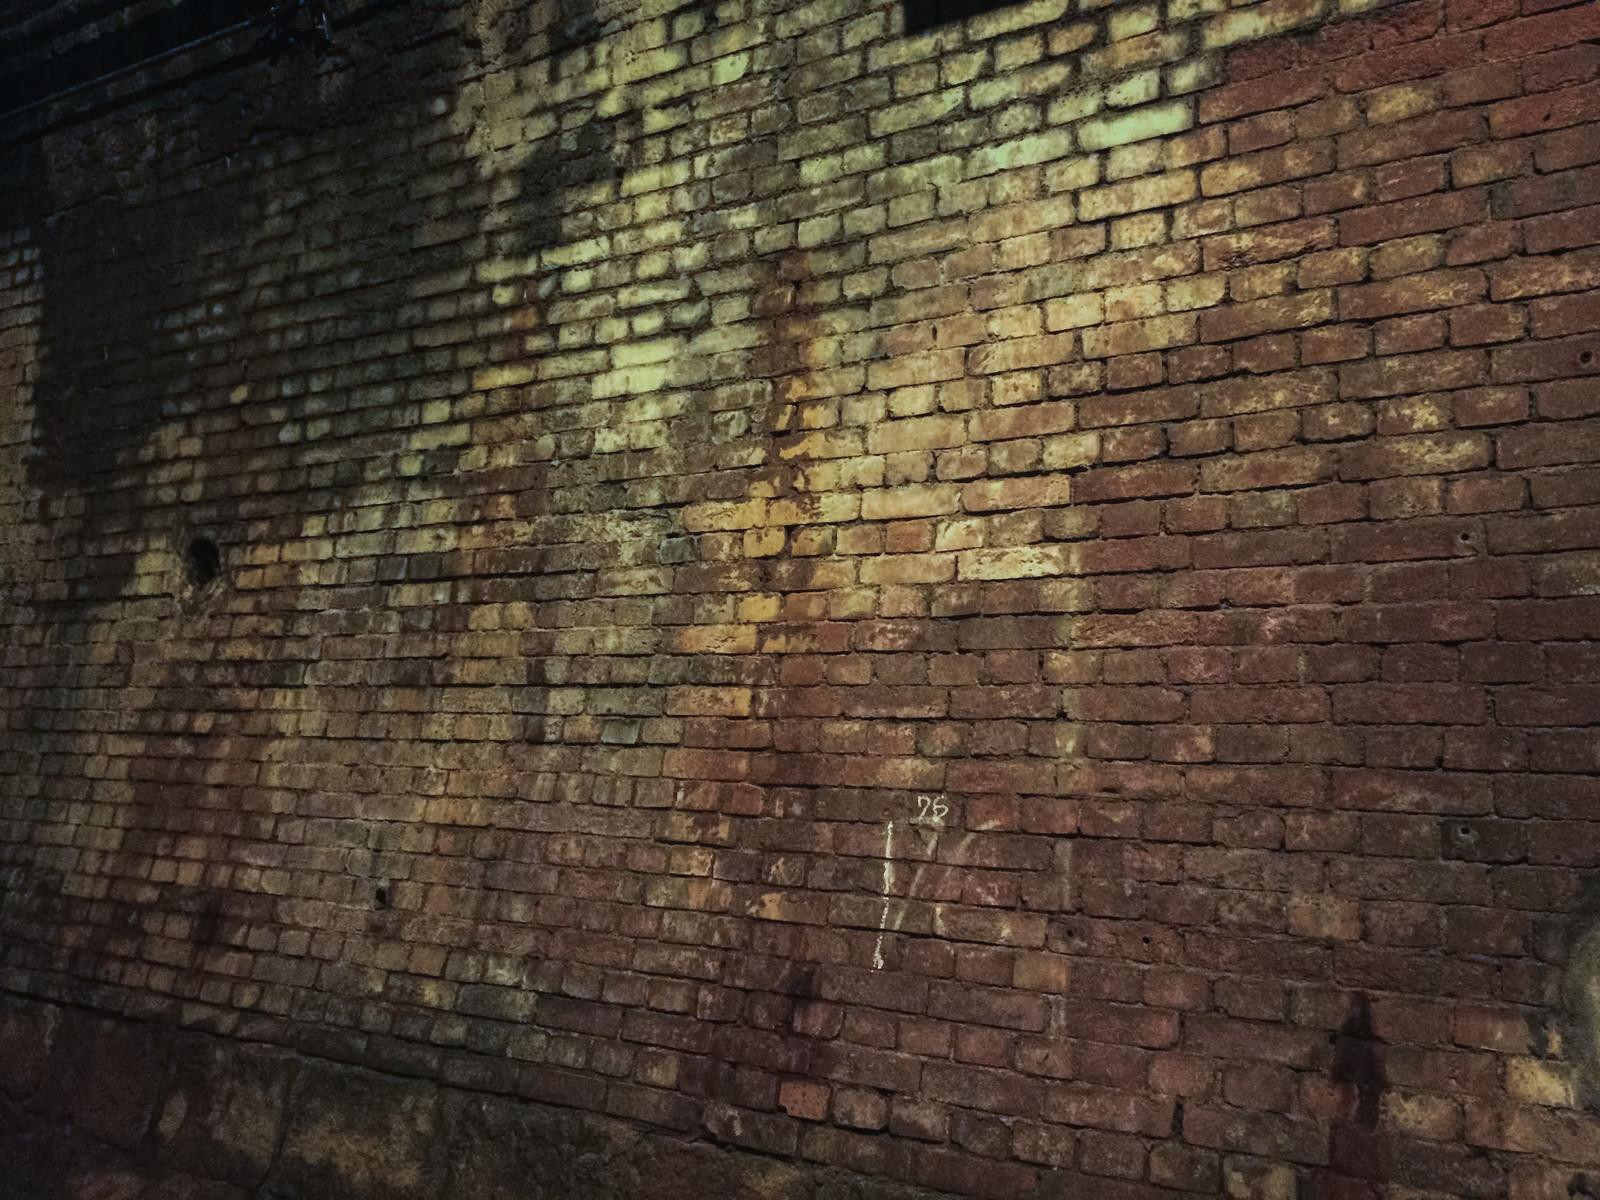 「古びた河川トンネルの壁(湊川隧道)」の写真